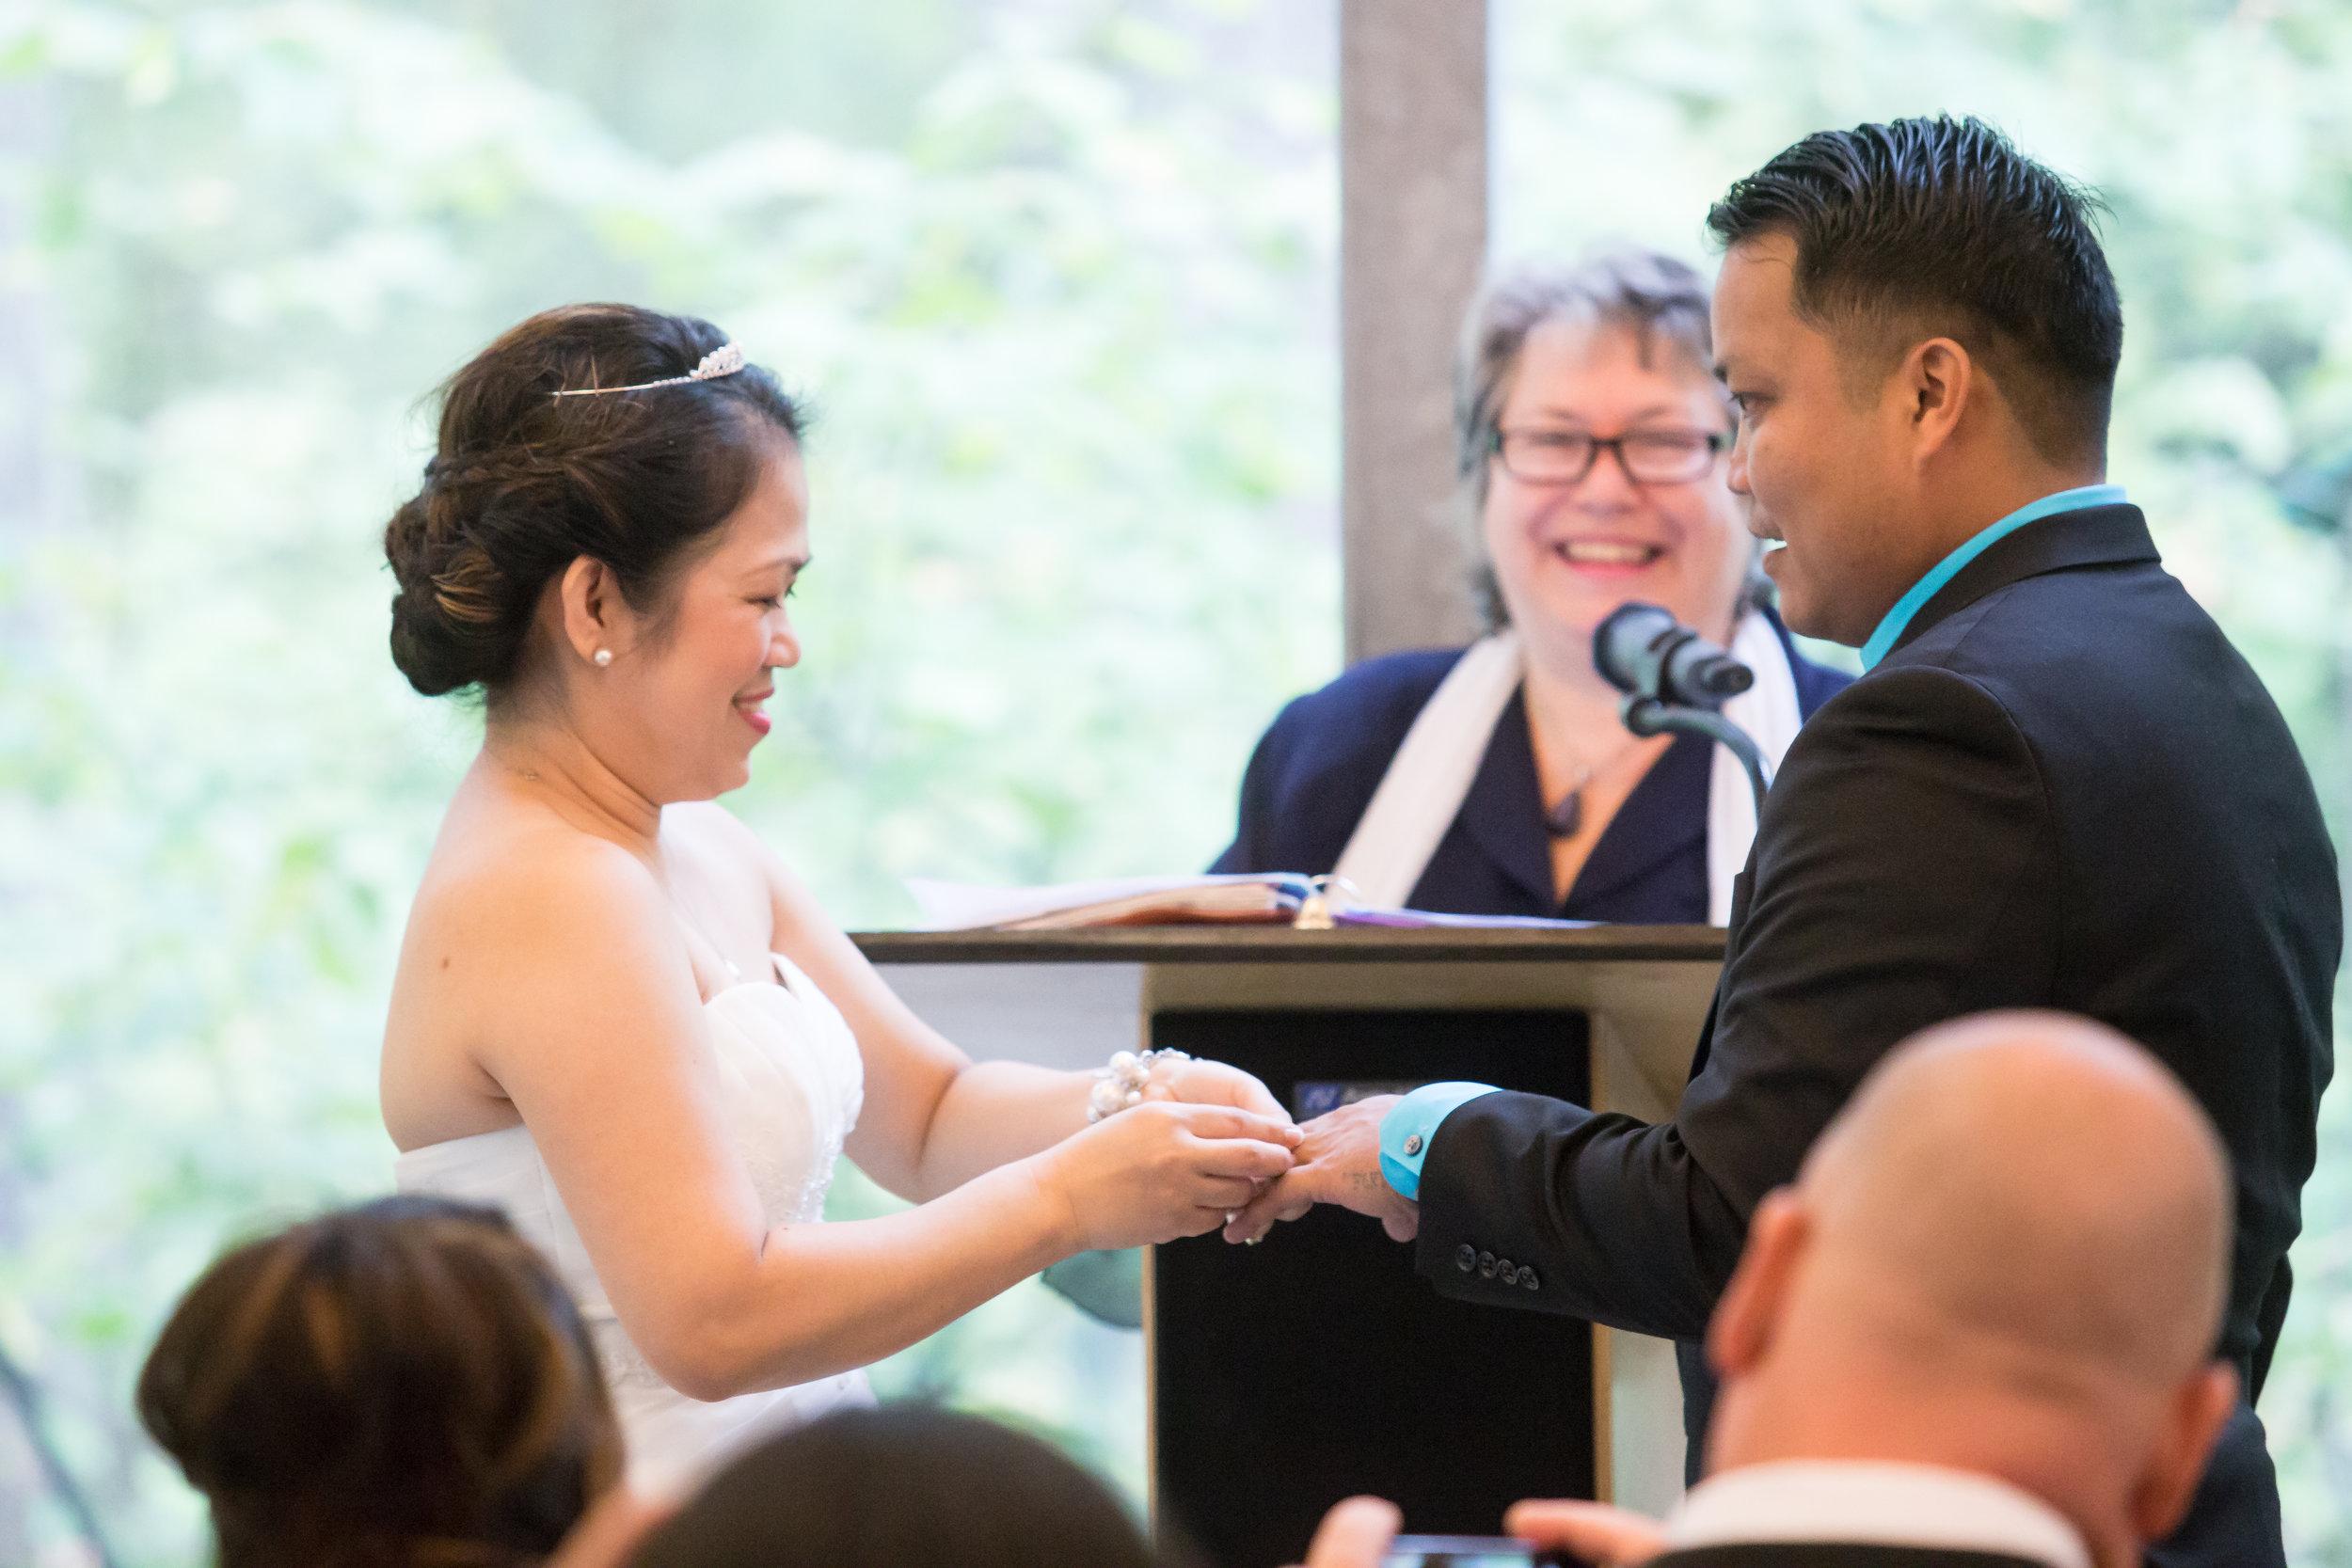 wedding_2015-10-17-27.jpg